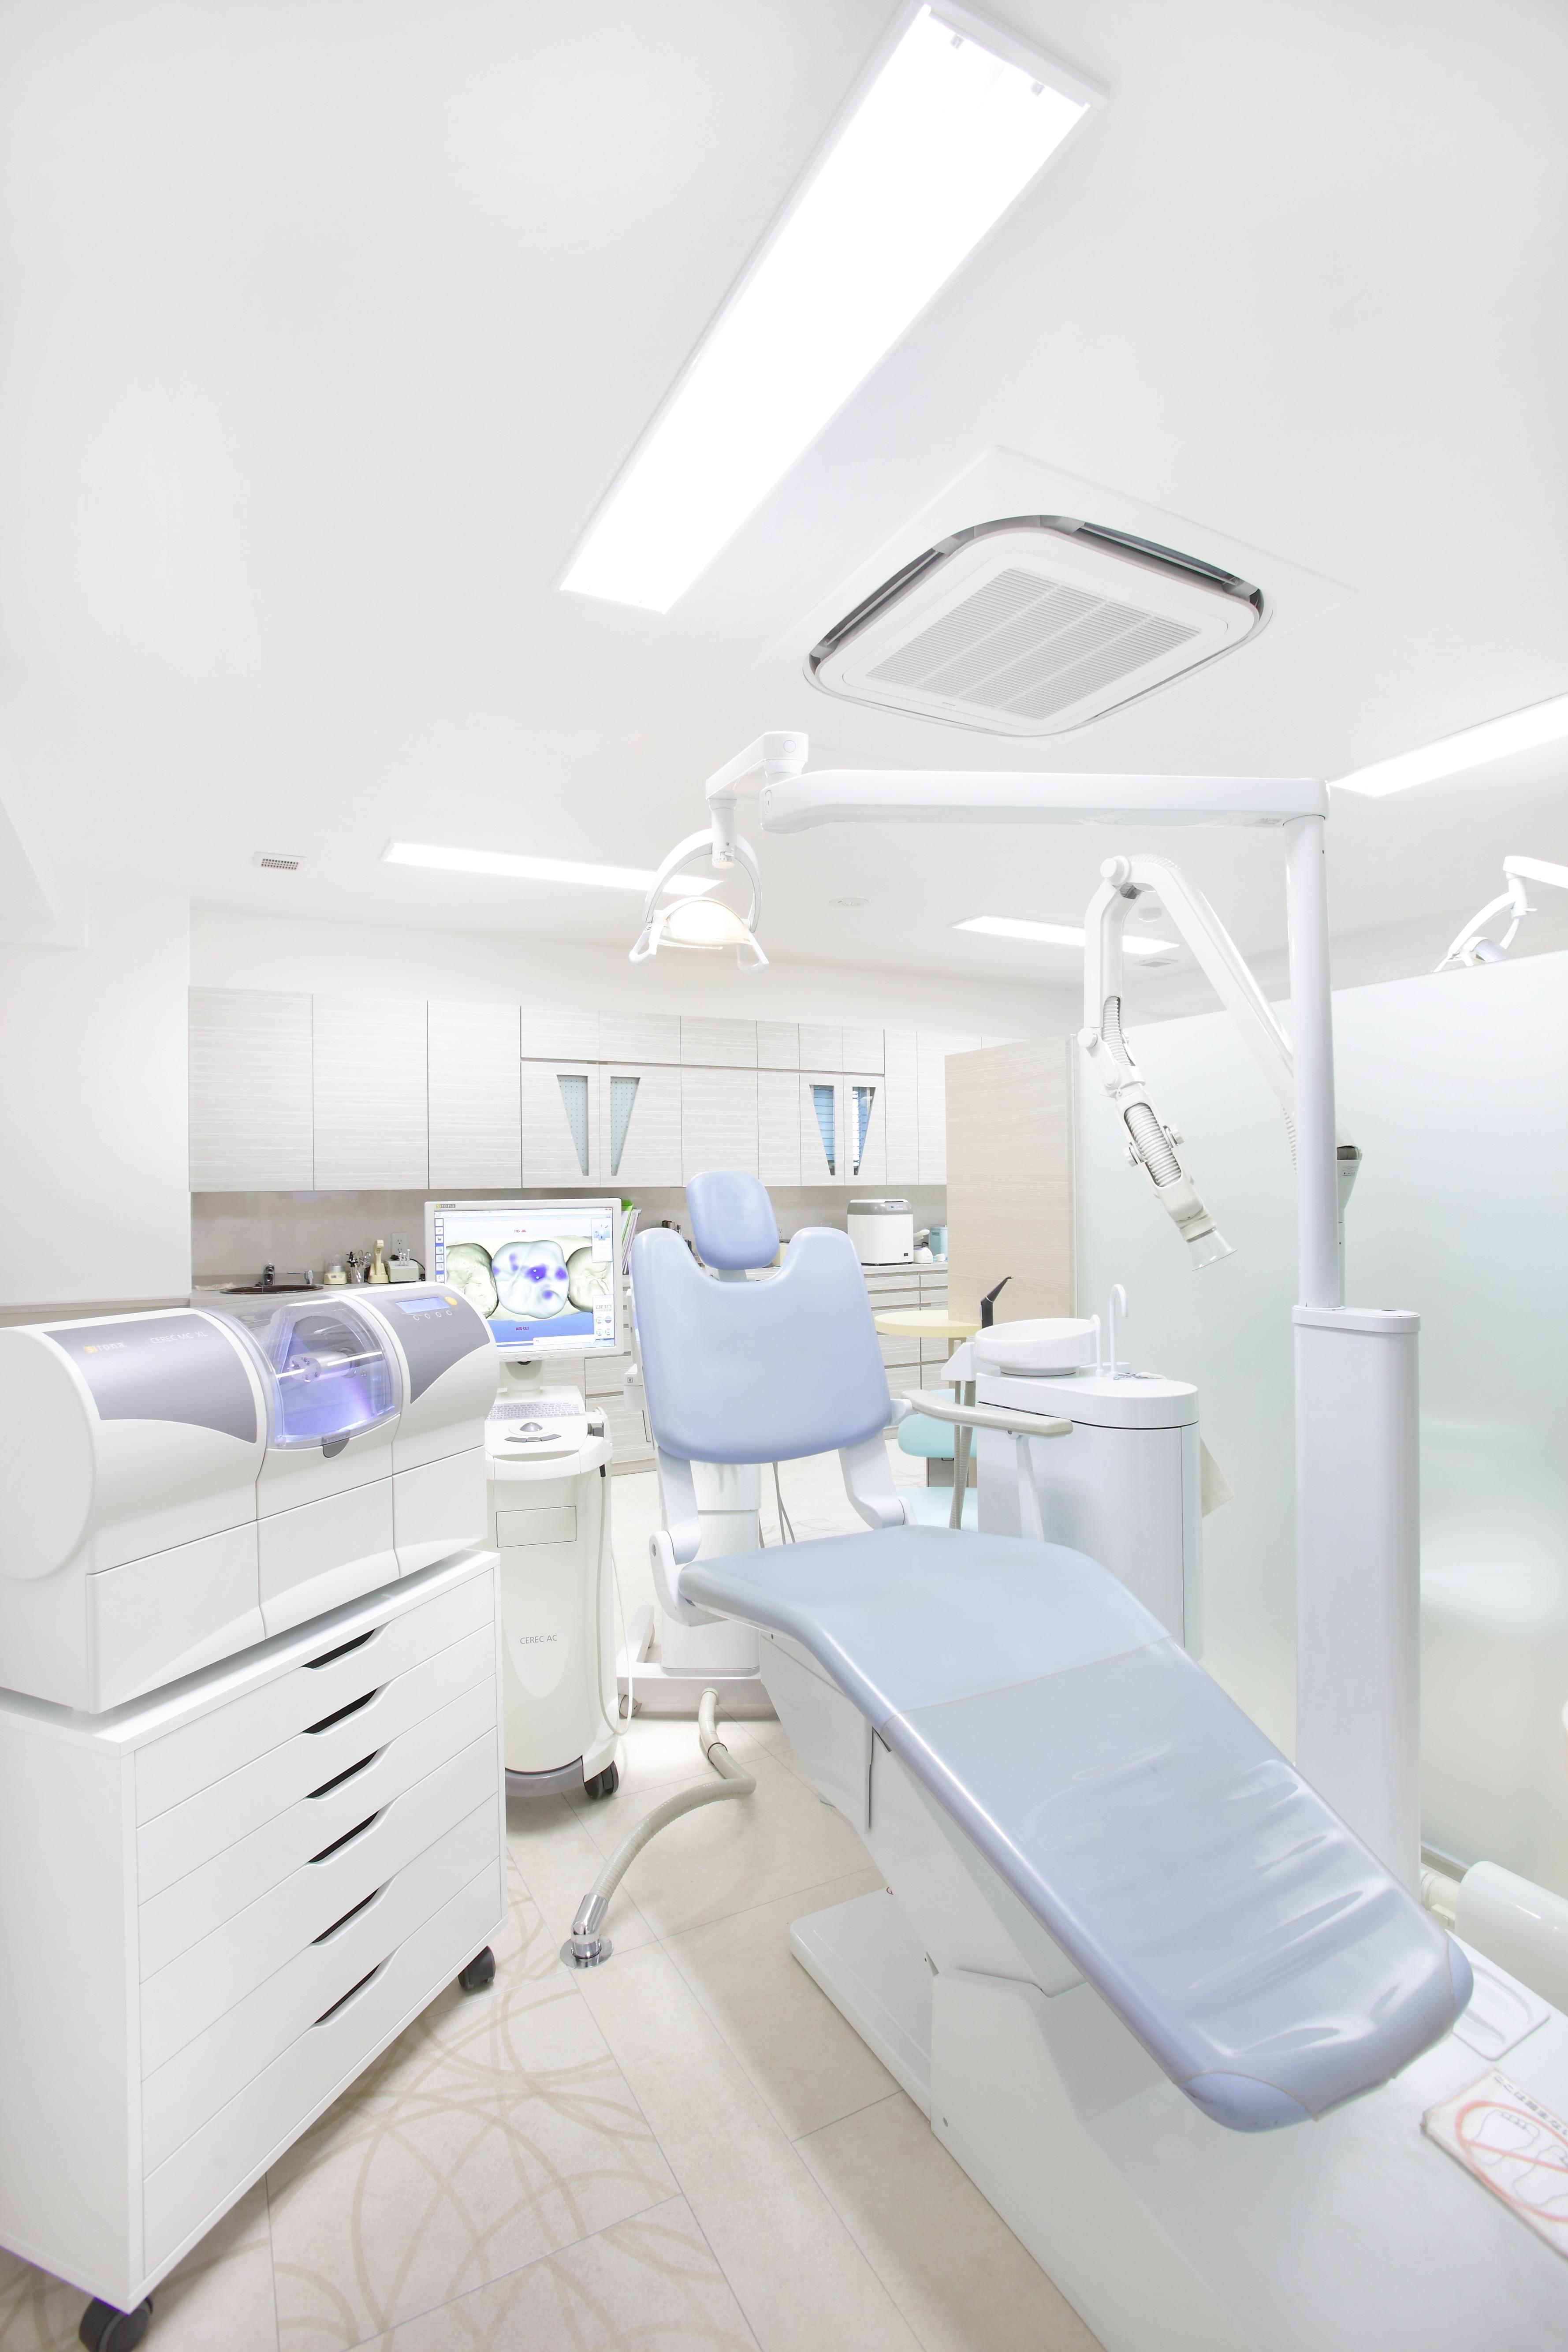 神戸市 歯科医院新装工事イメージ05